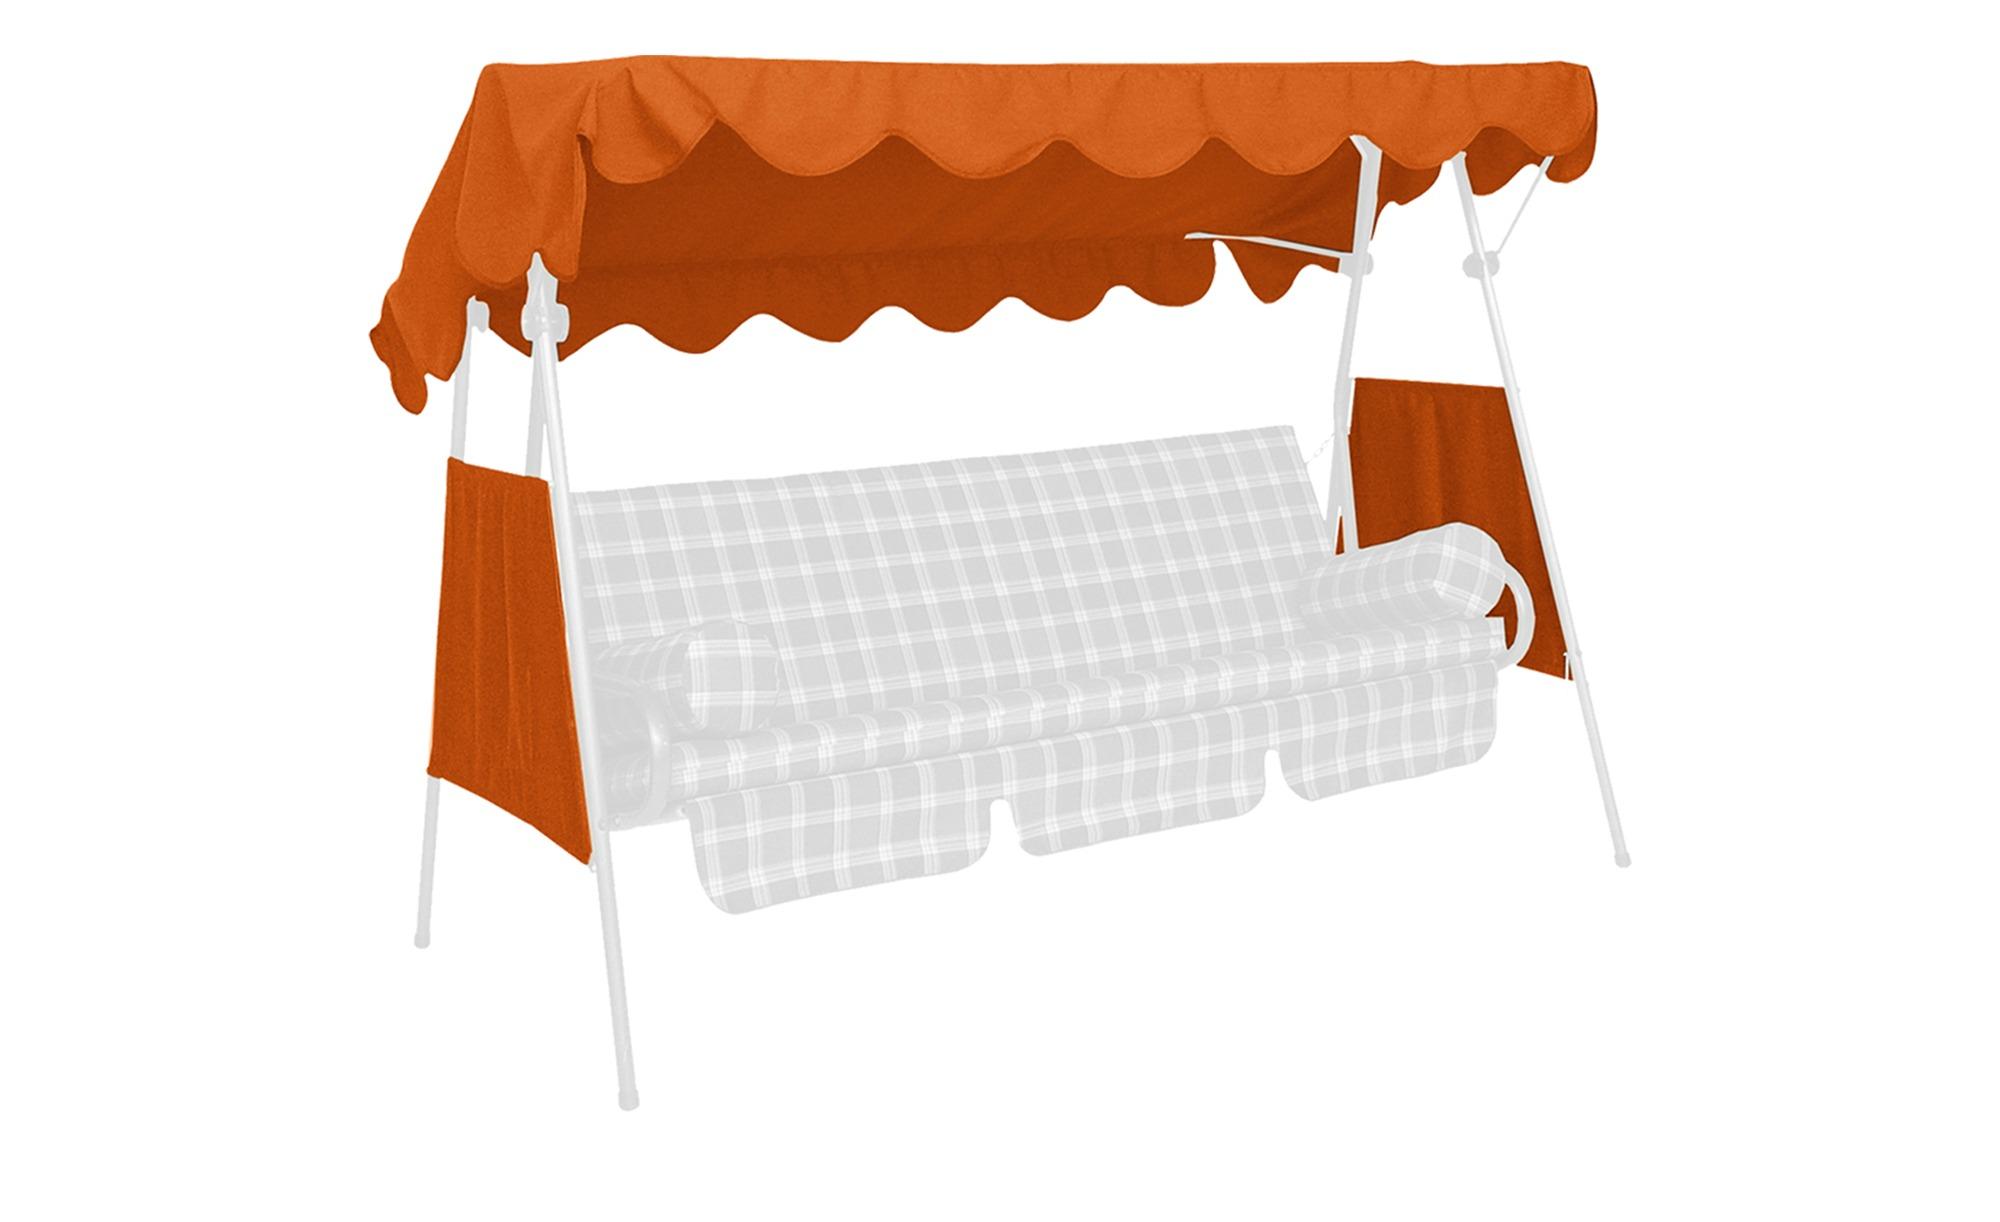 Angerer Dach & Seiten für Hollywoodschaukel - orange - Garten > Garten-Zube günstig online kaufen